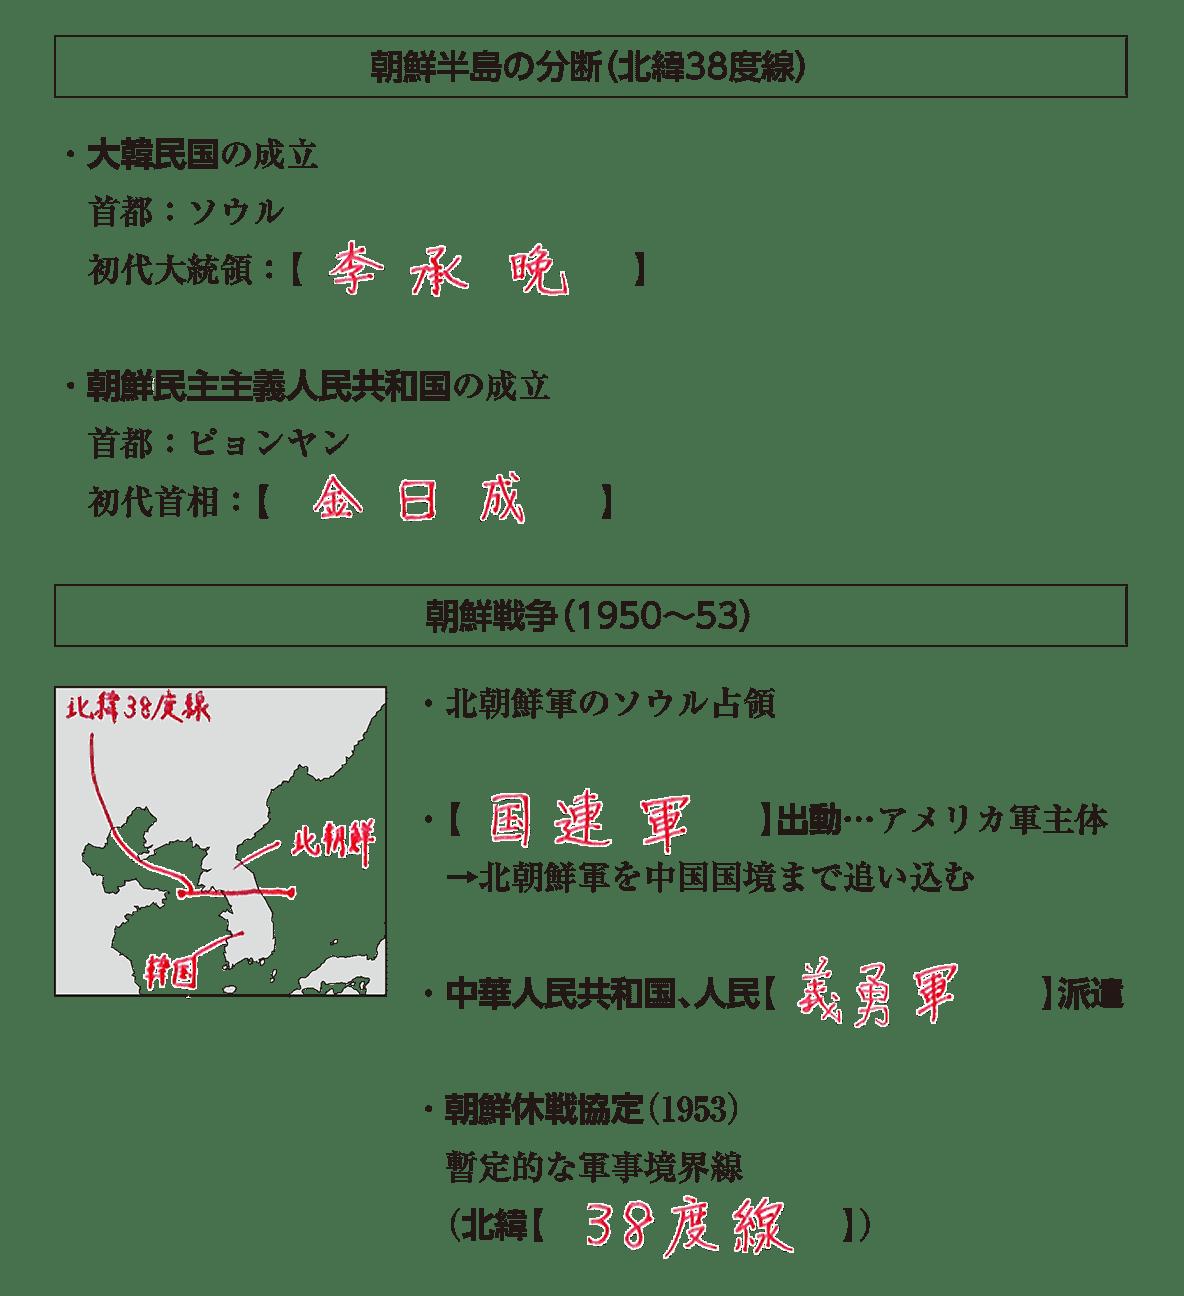 高校世界史 冷戦激化と西欧・日本の経済復興1 ポイント1 答え全部